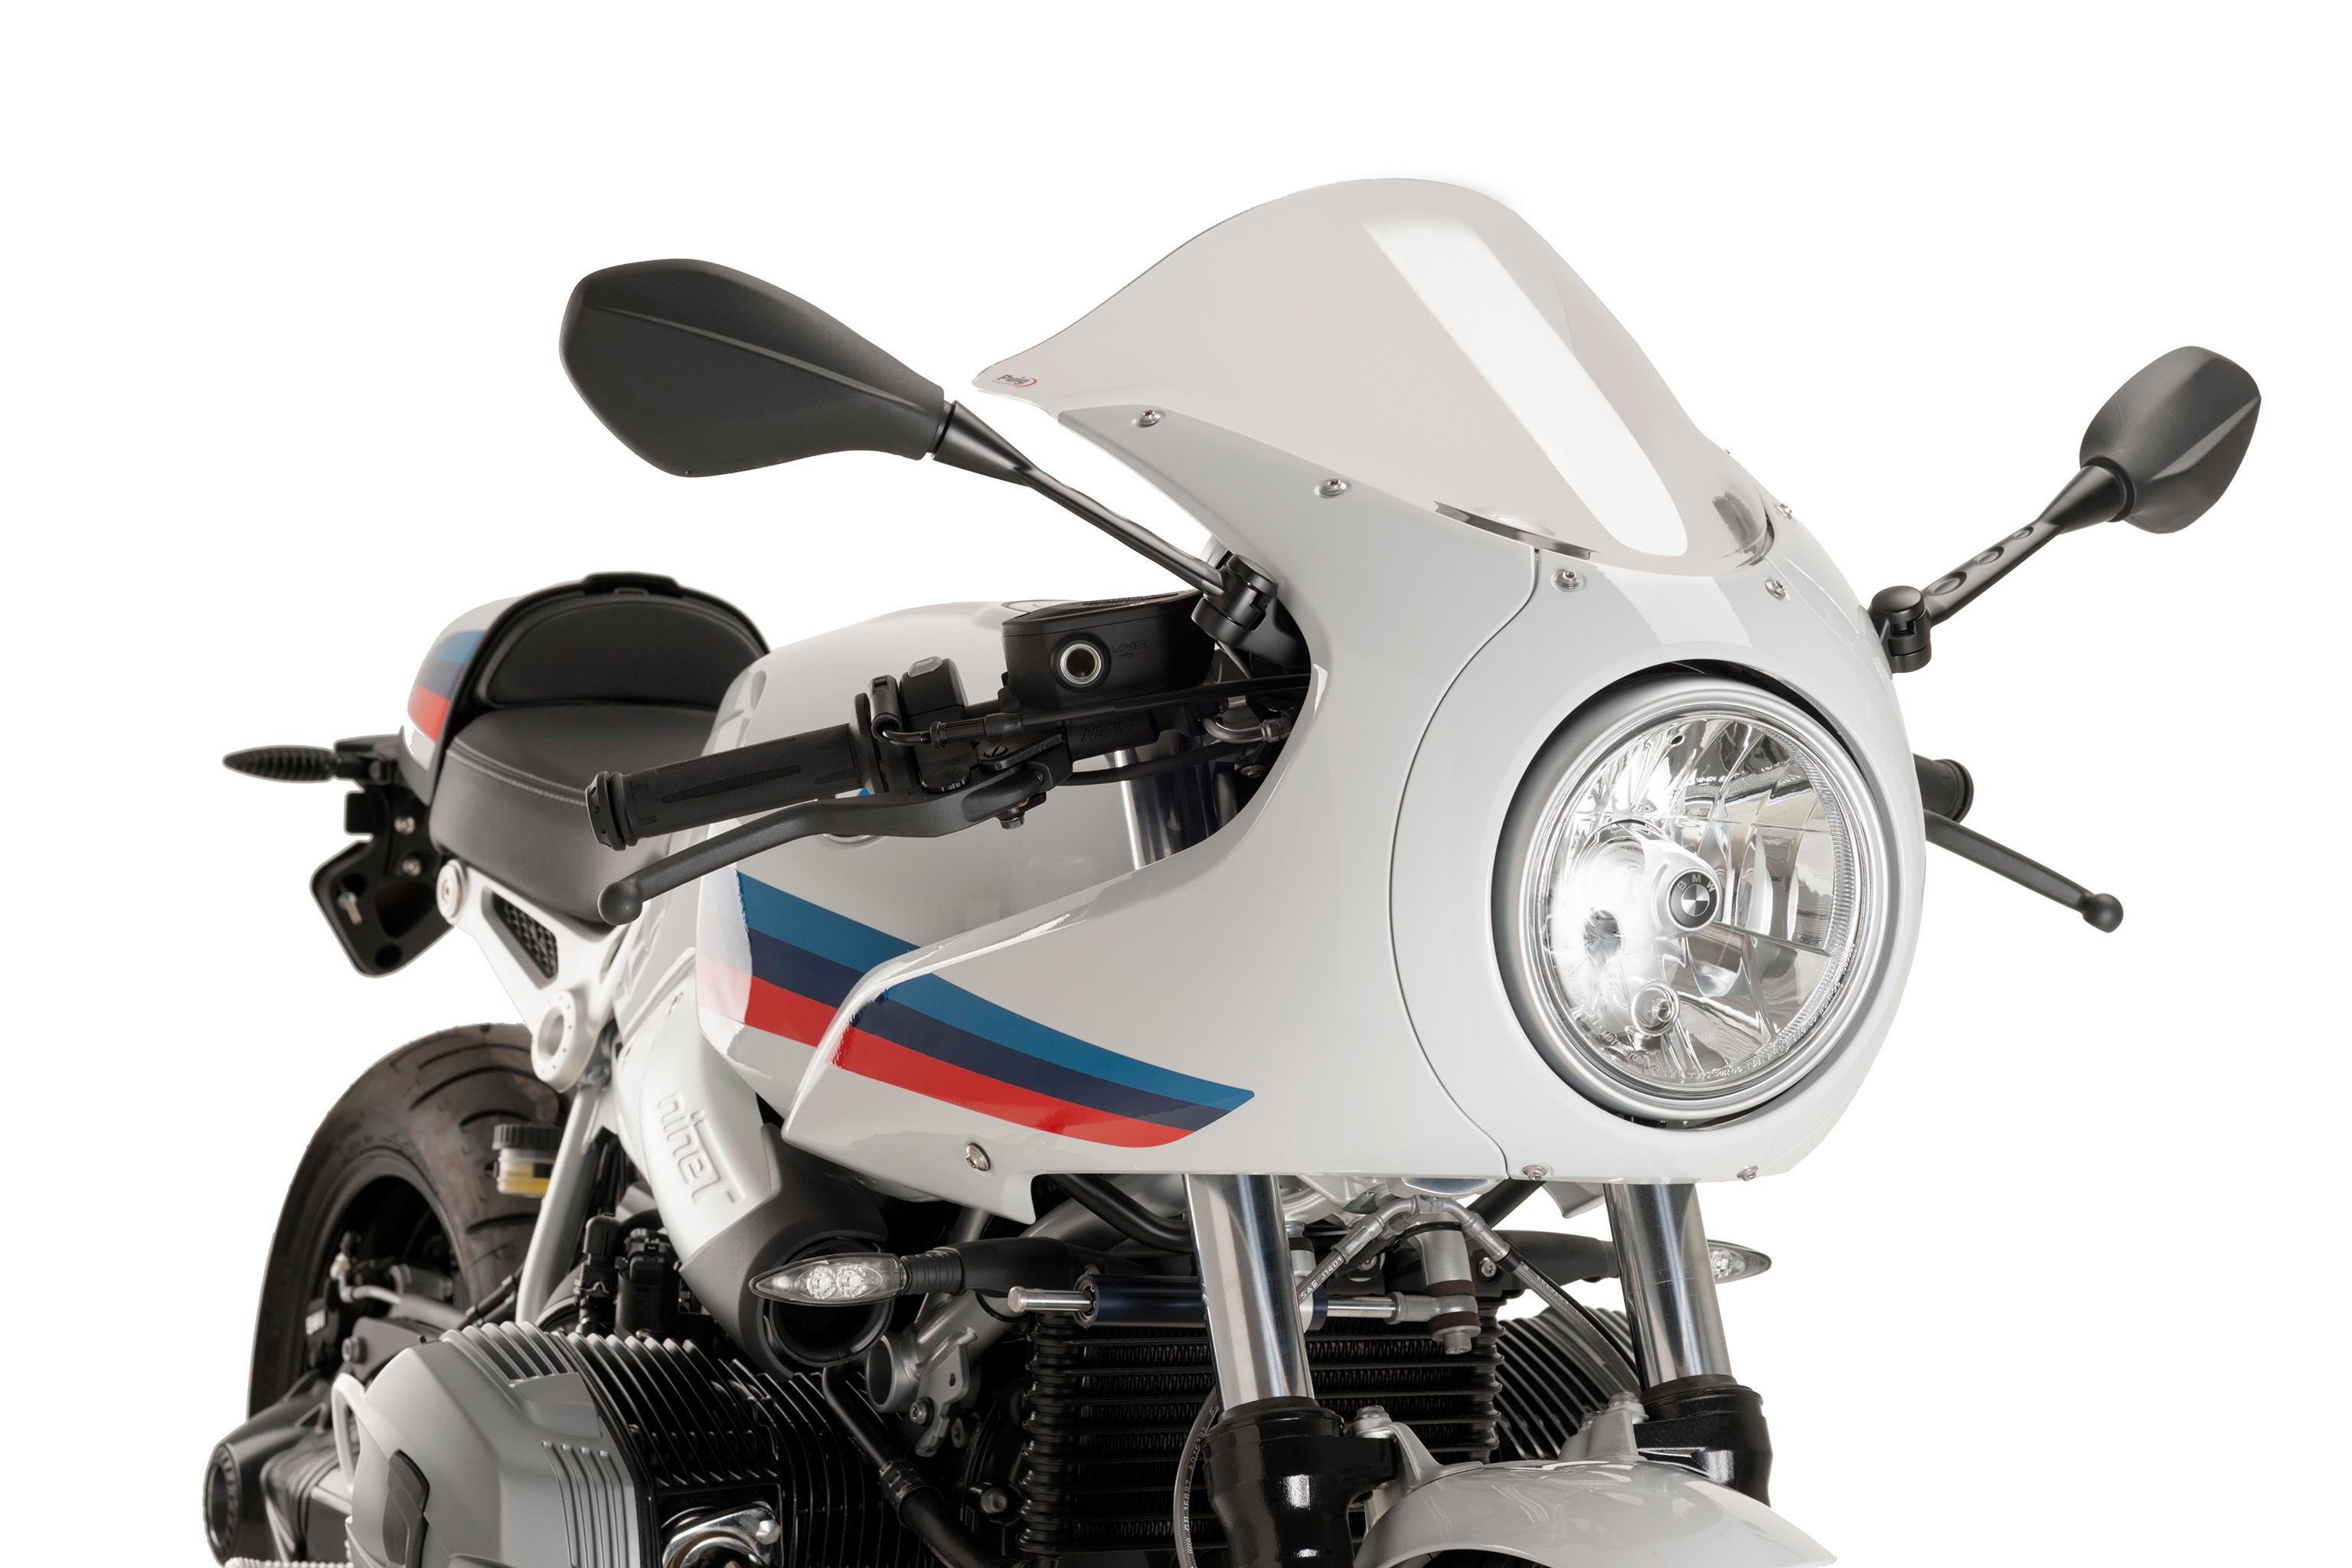 pare brise racing pour bmw rninet racer accessoires moto hornig accessoire pour votre bmw. Black Bedroom Furniture Sets. Home Design Ideas